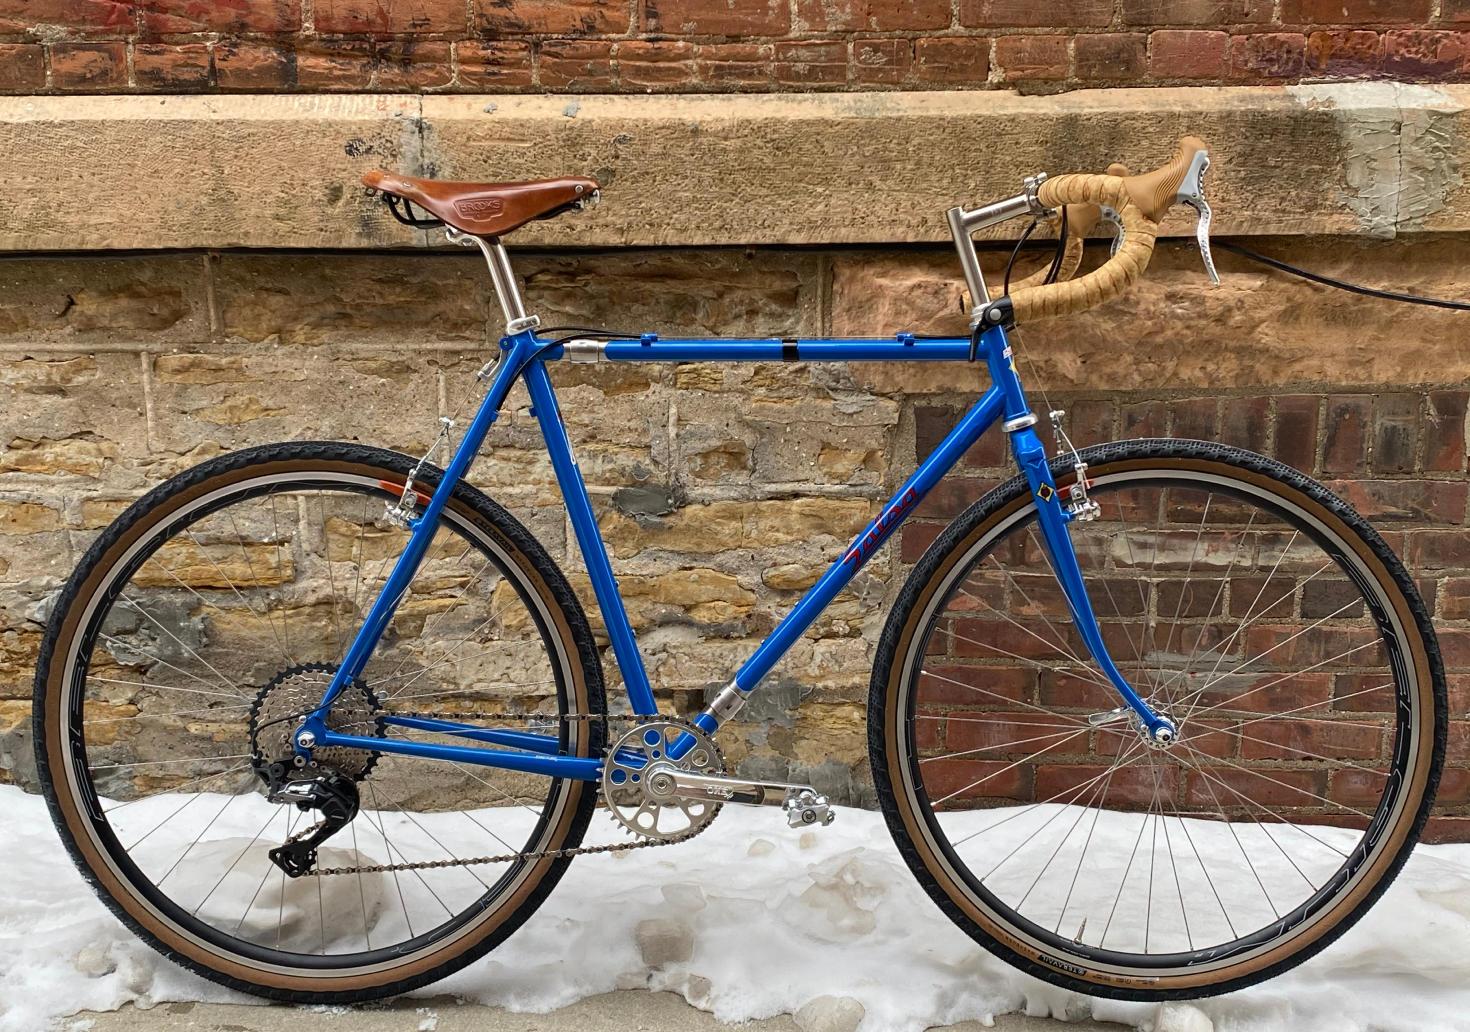 full bike build